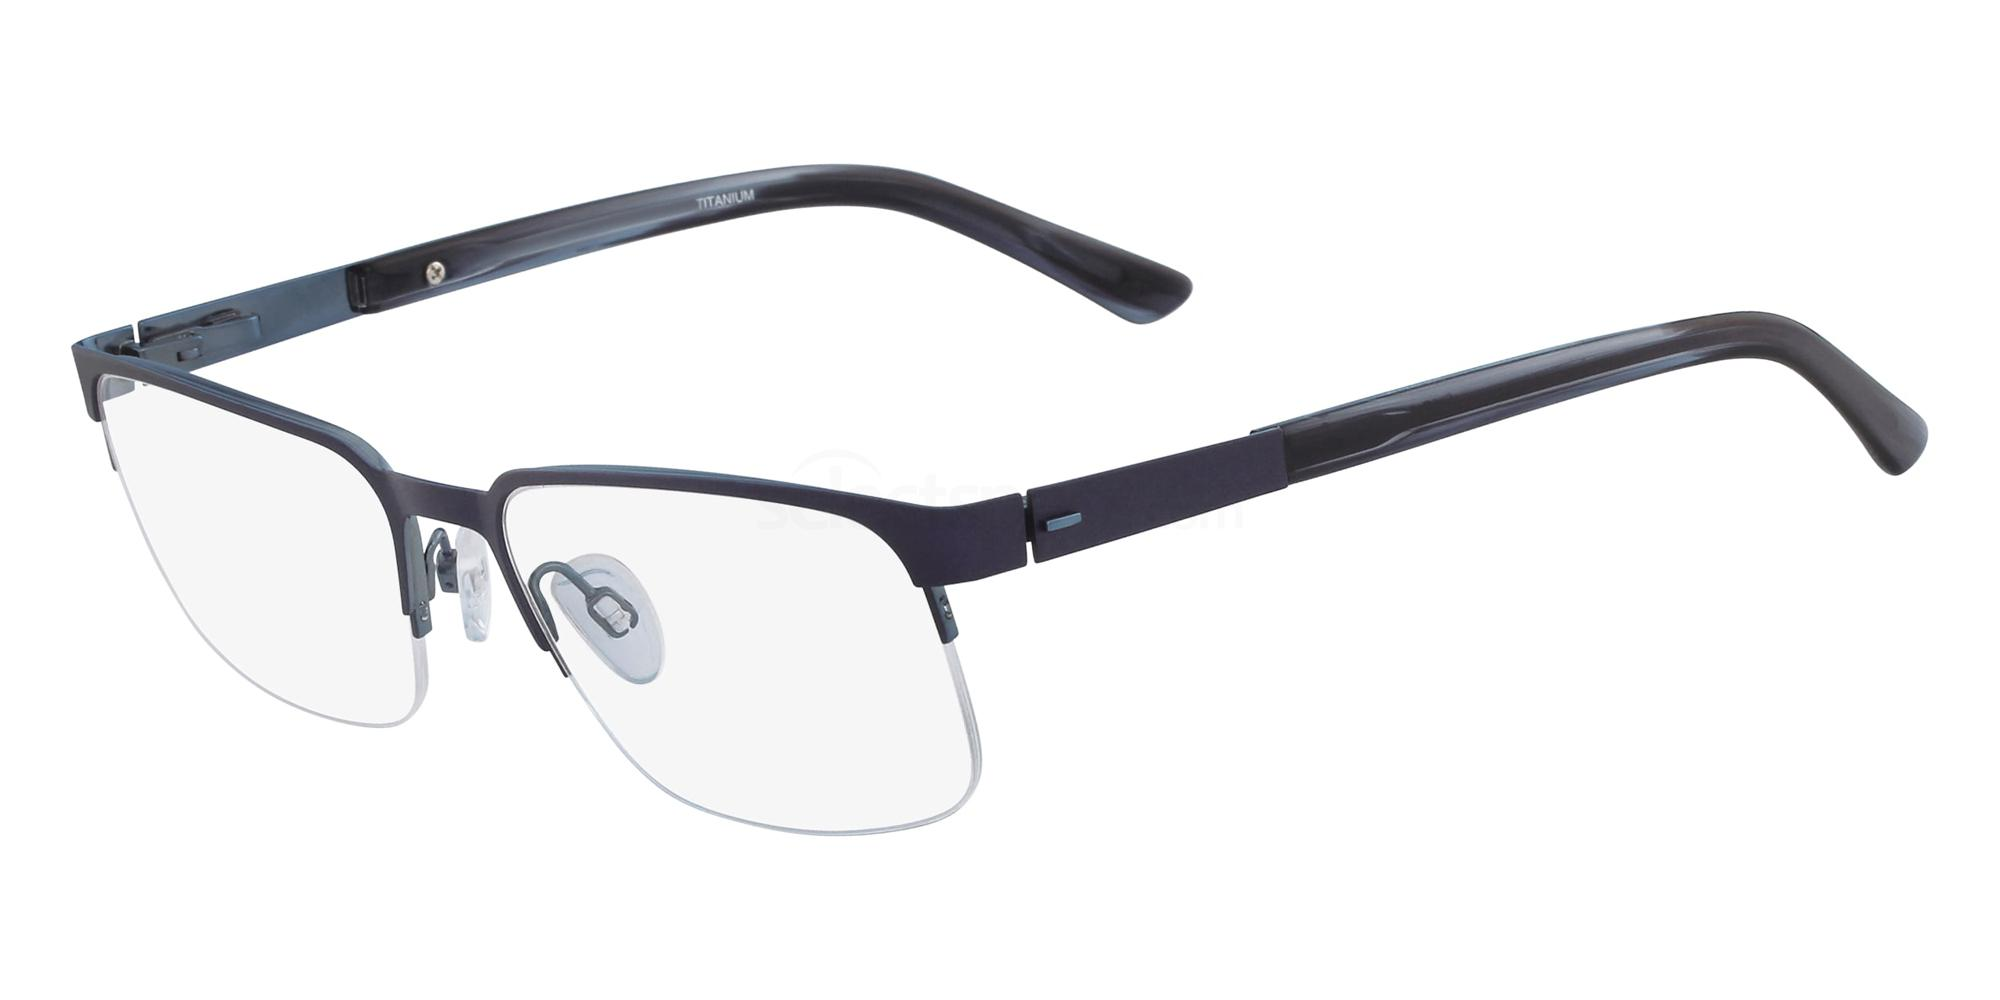 424 2680 RIEBNES Glasses, Skaga